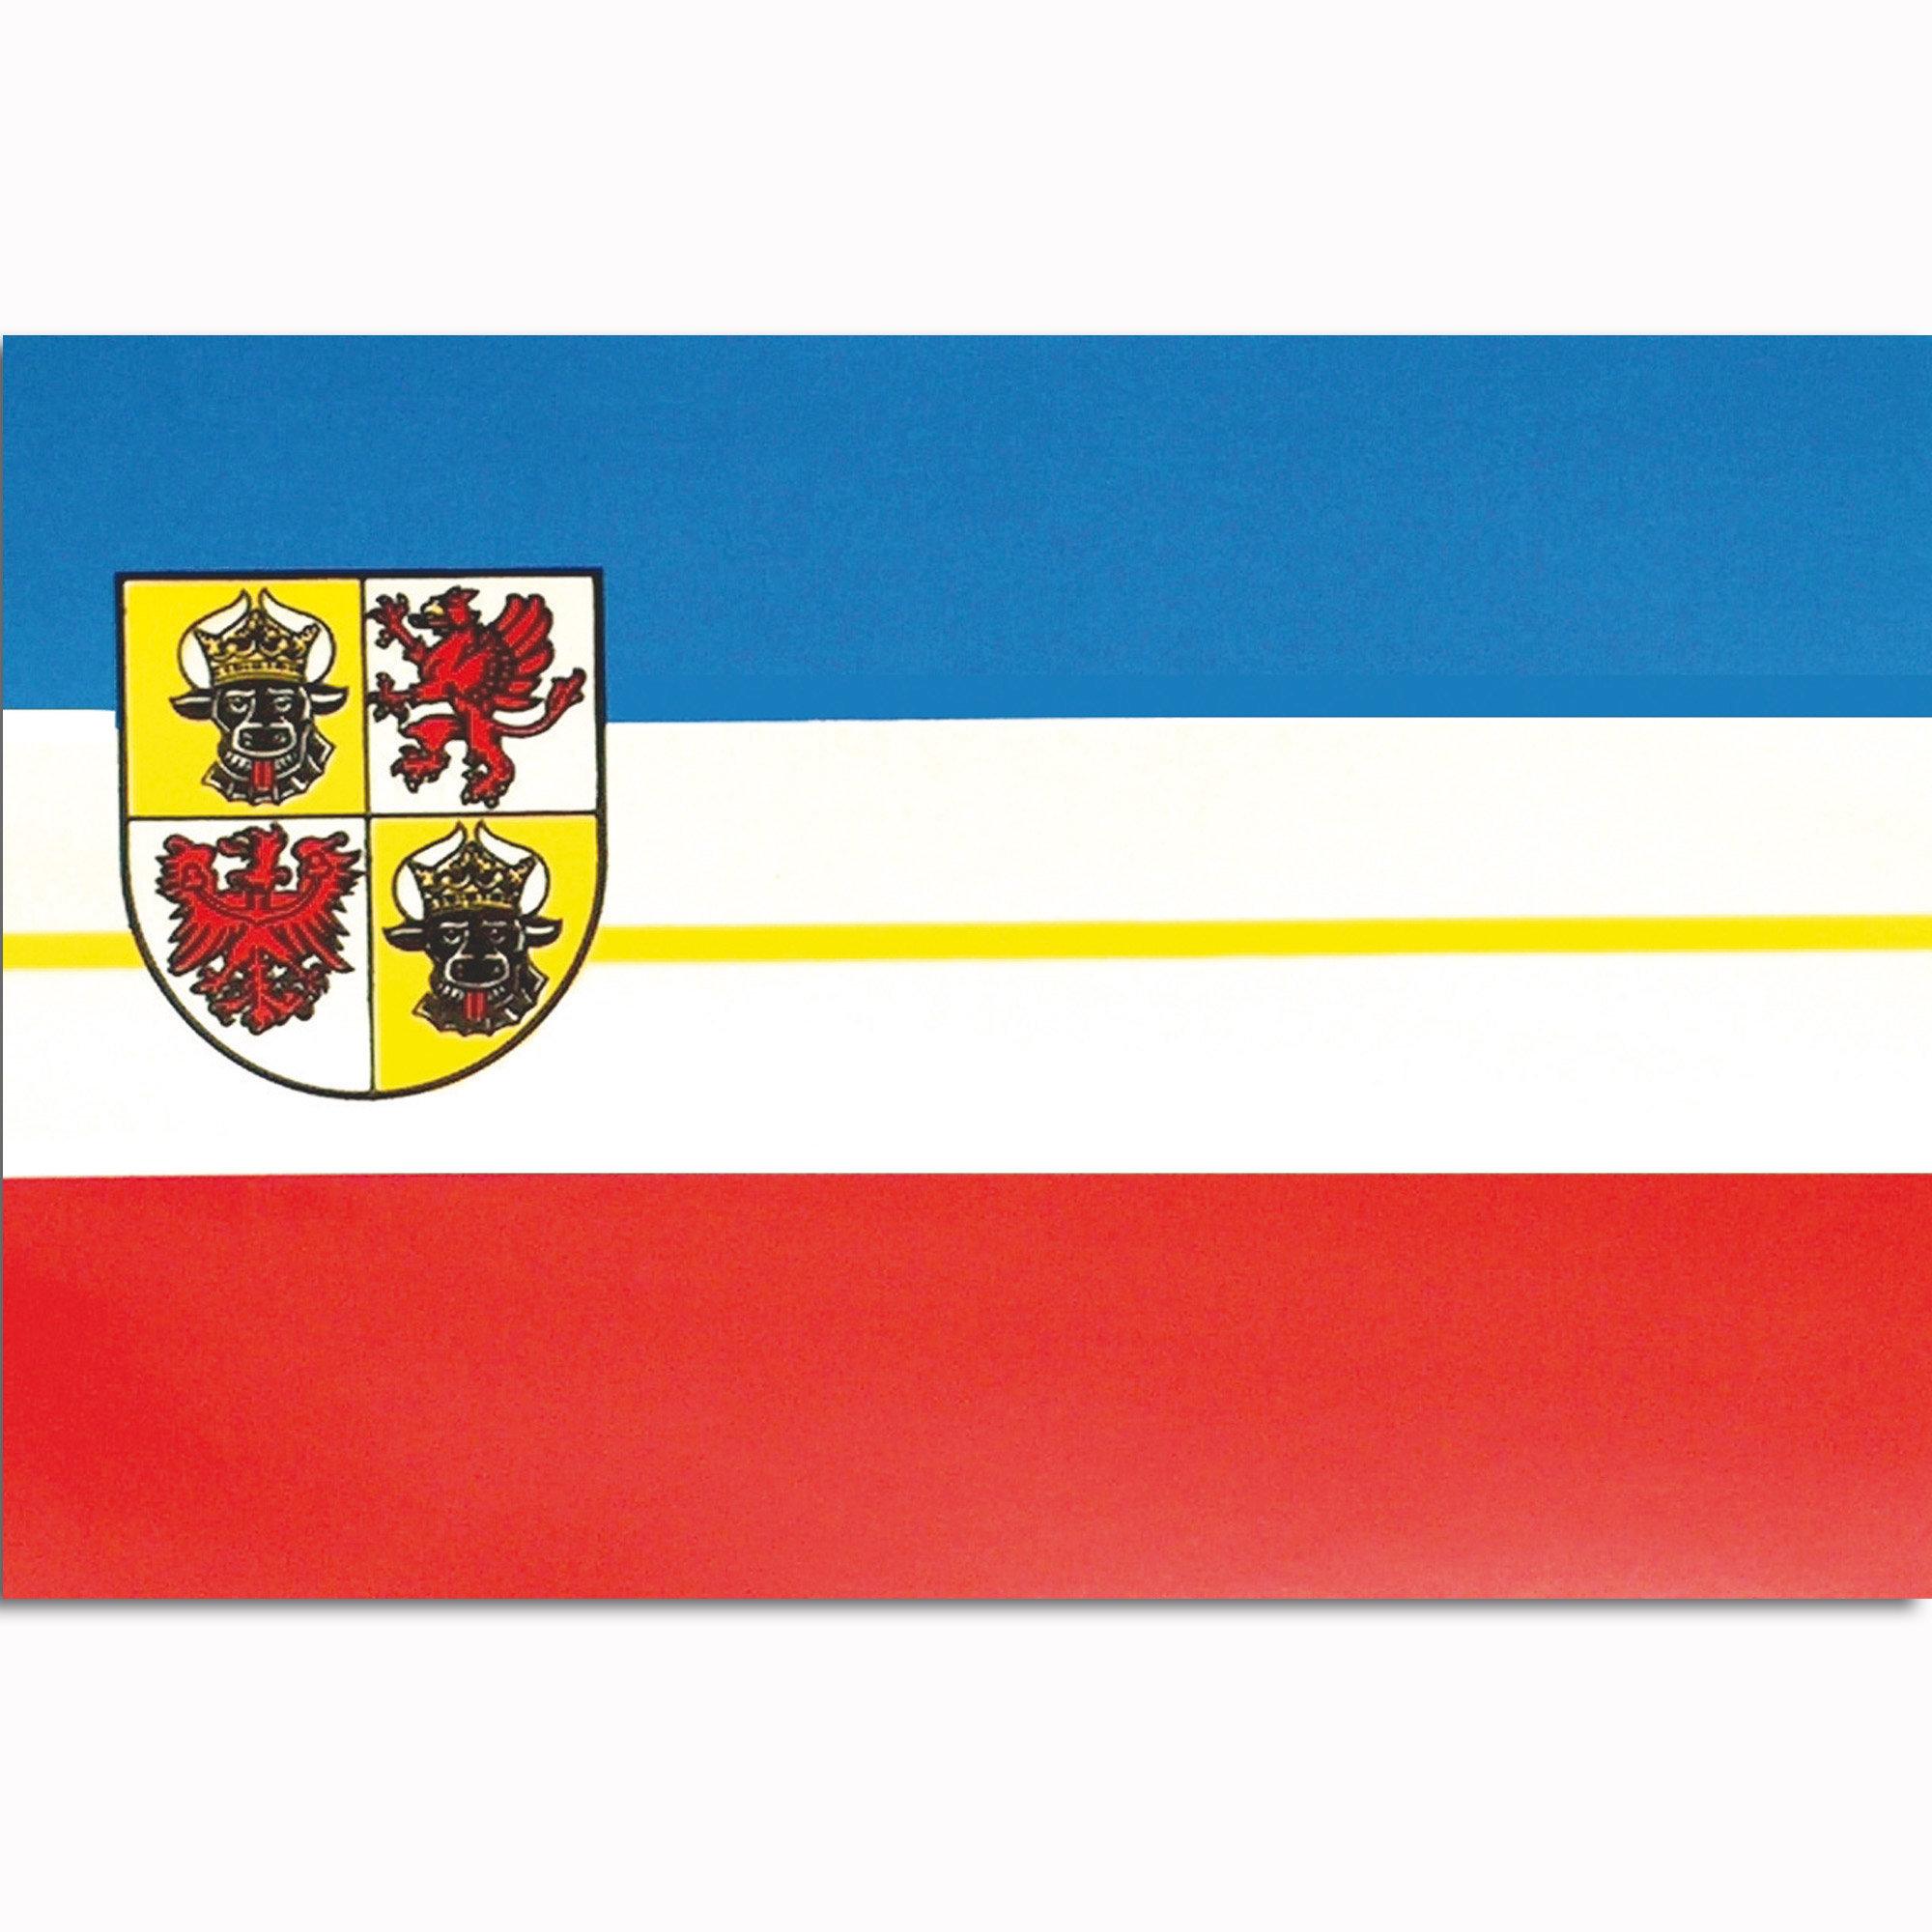 Sticker Mecklenburg-Vorpommern